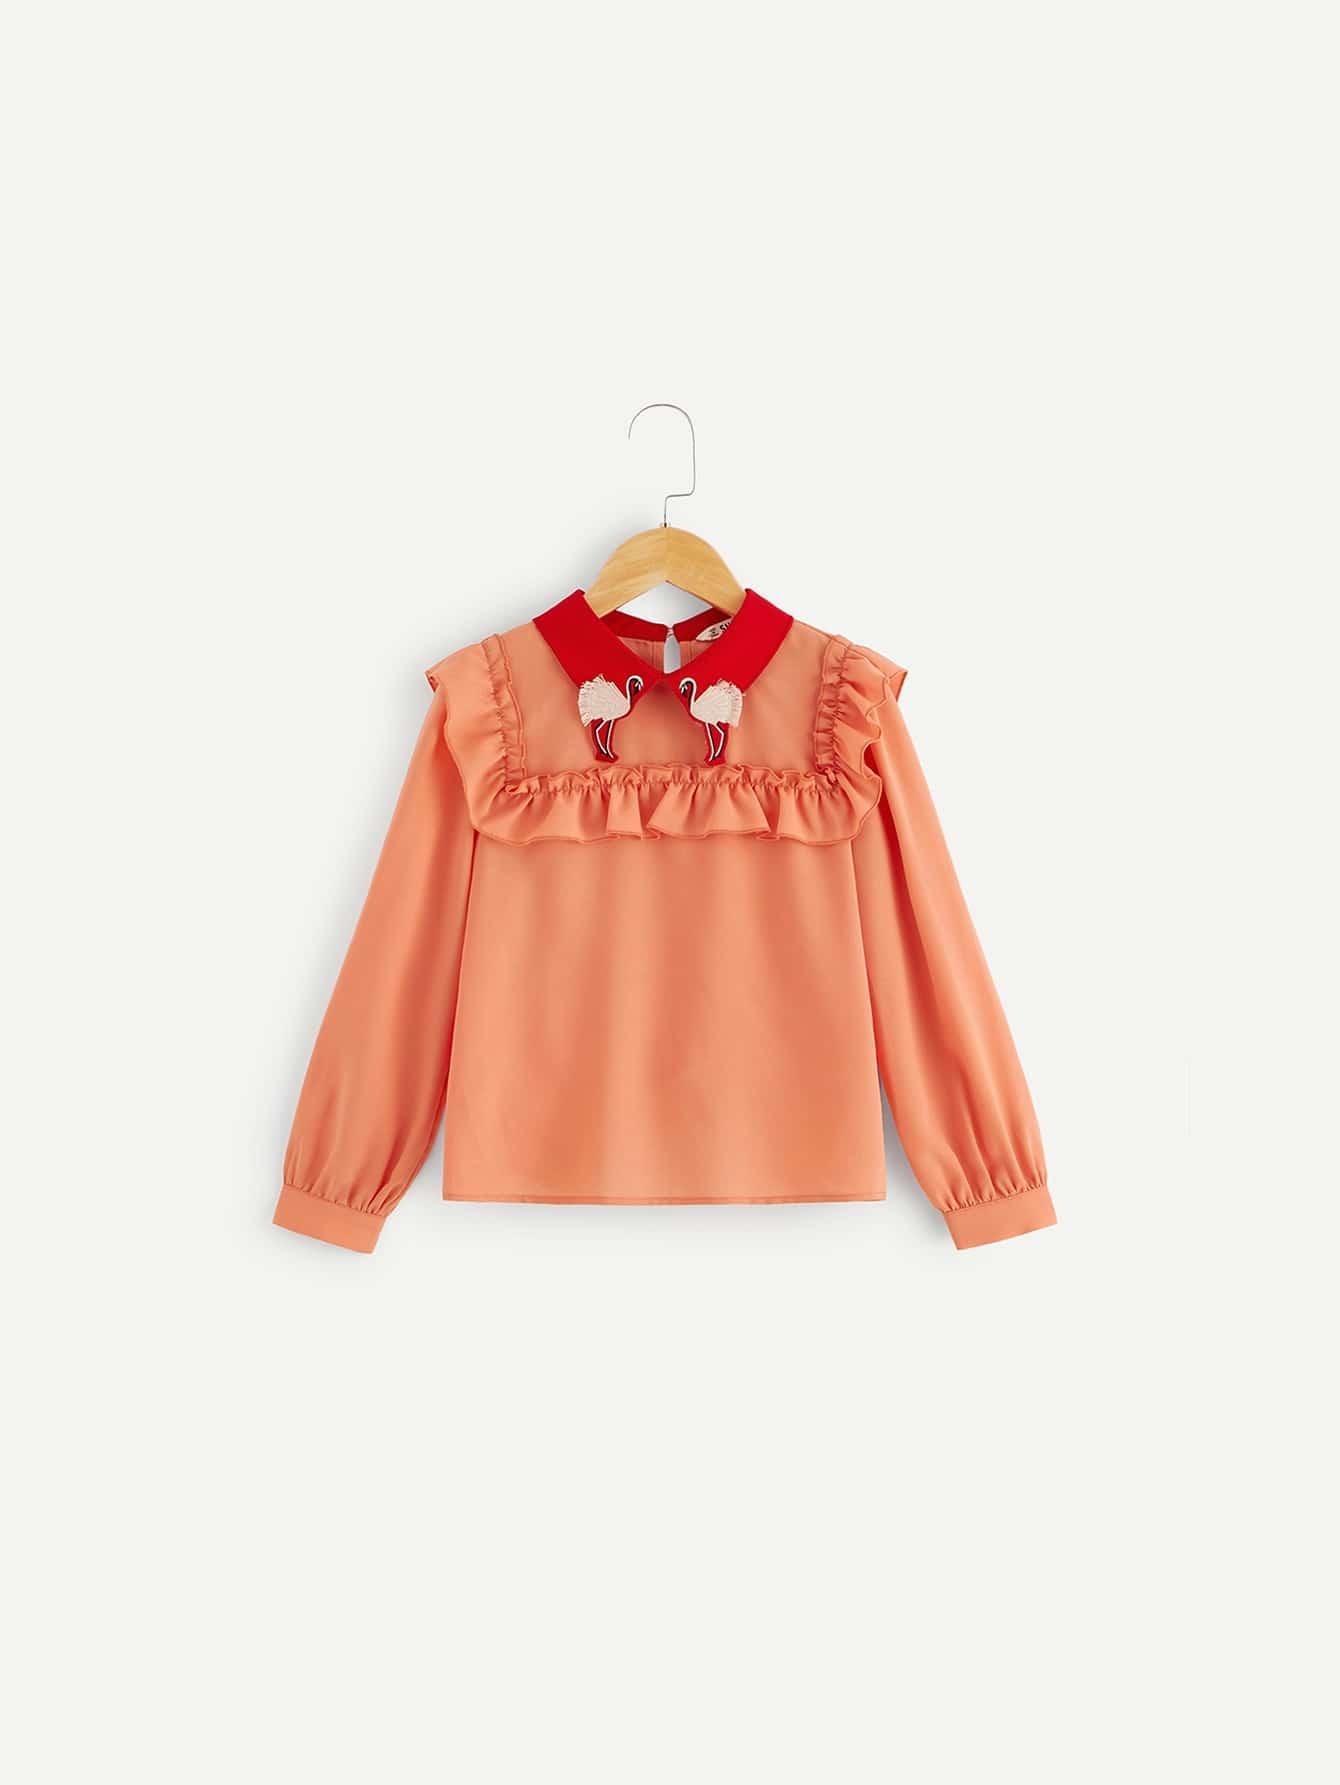 Купить Женская блузка со складкой, null, SheIn